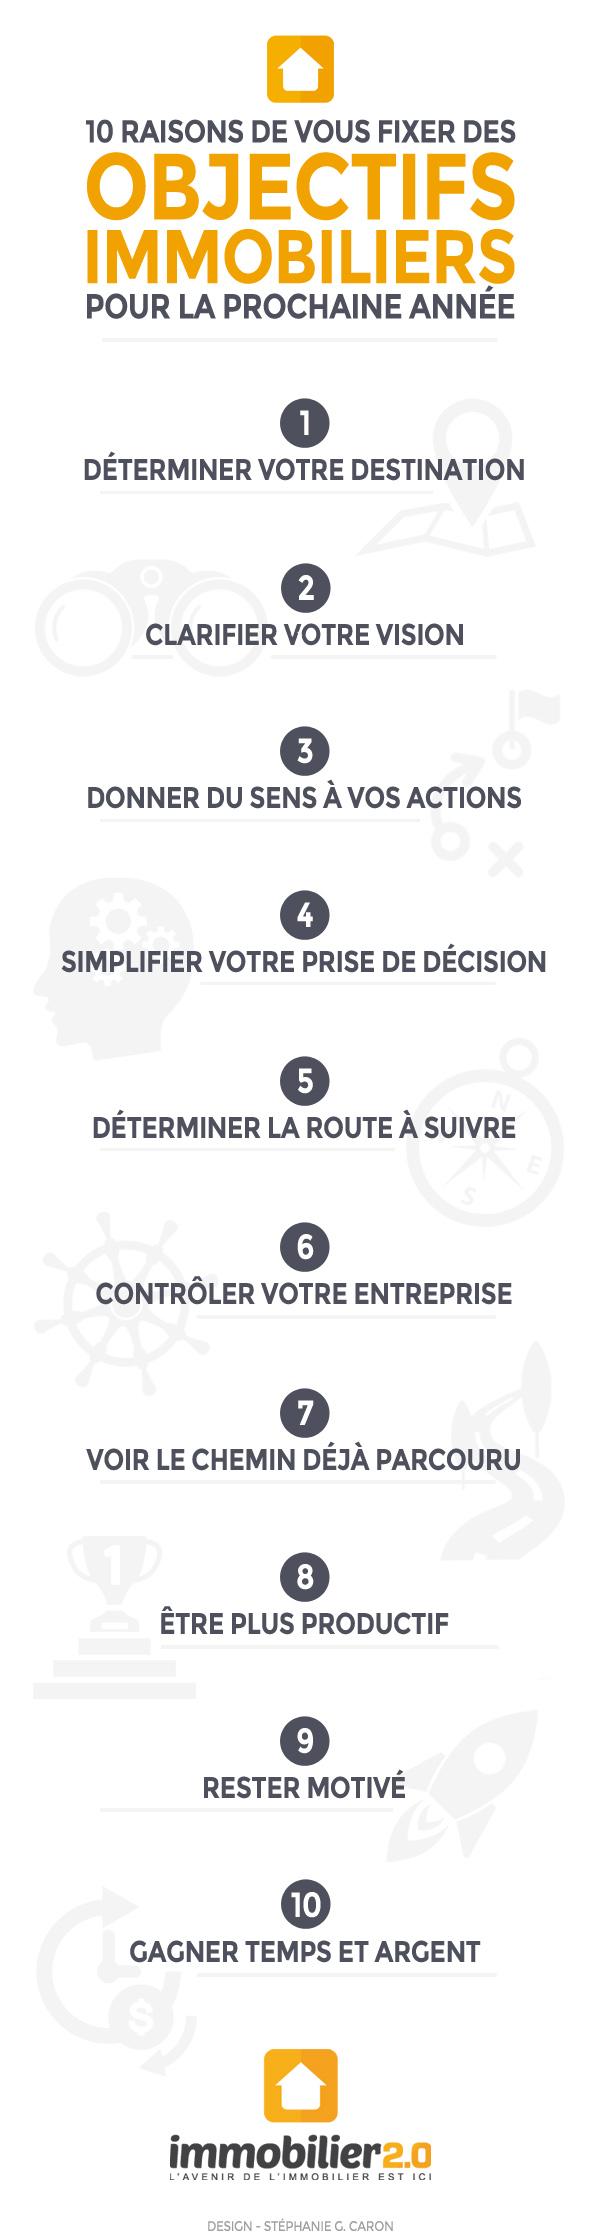 10-raisons-de-vous-fixer-des-objectifs